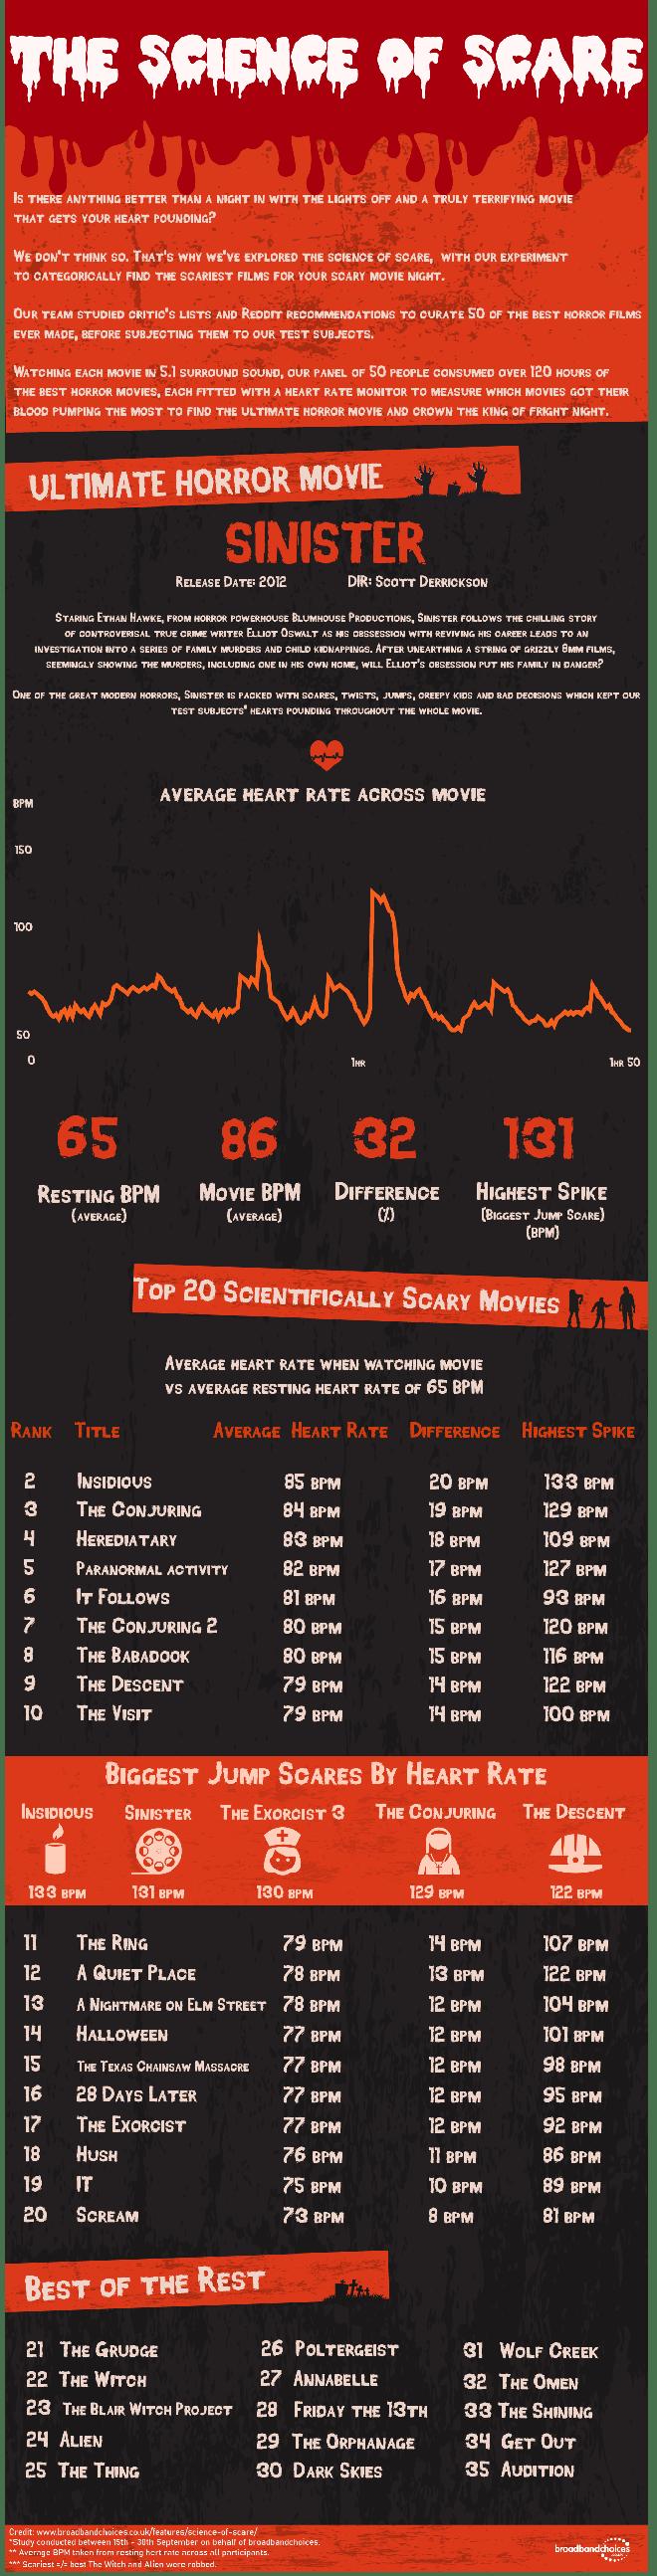 Sinister được bầu chọn là phim kinh dị đáng sợ nhất từ trước đến nay - Ảnh 3.